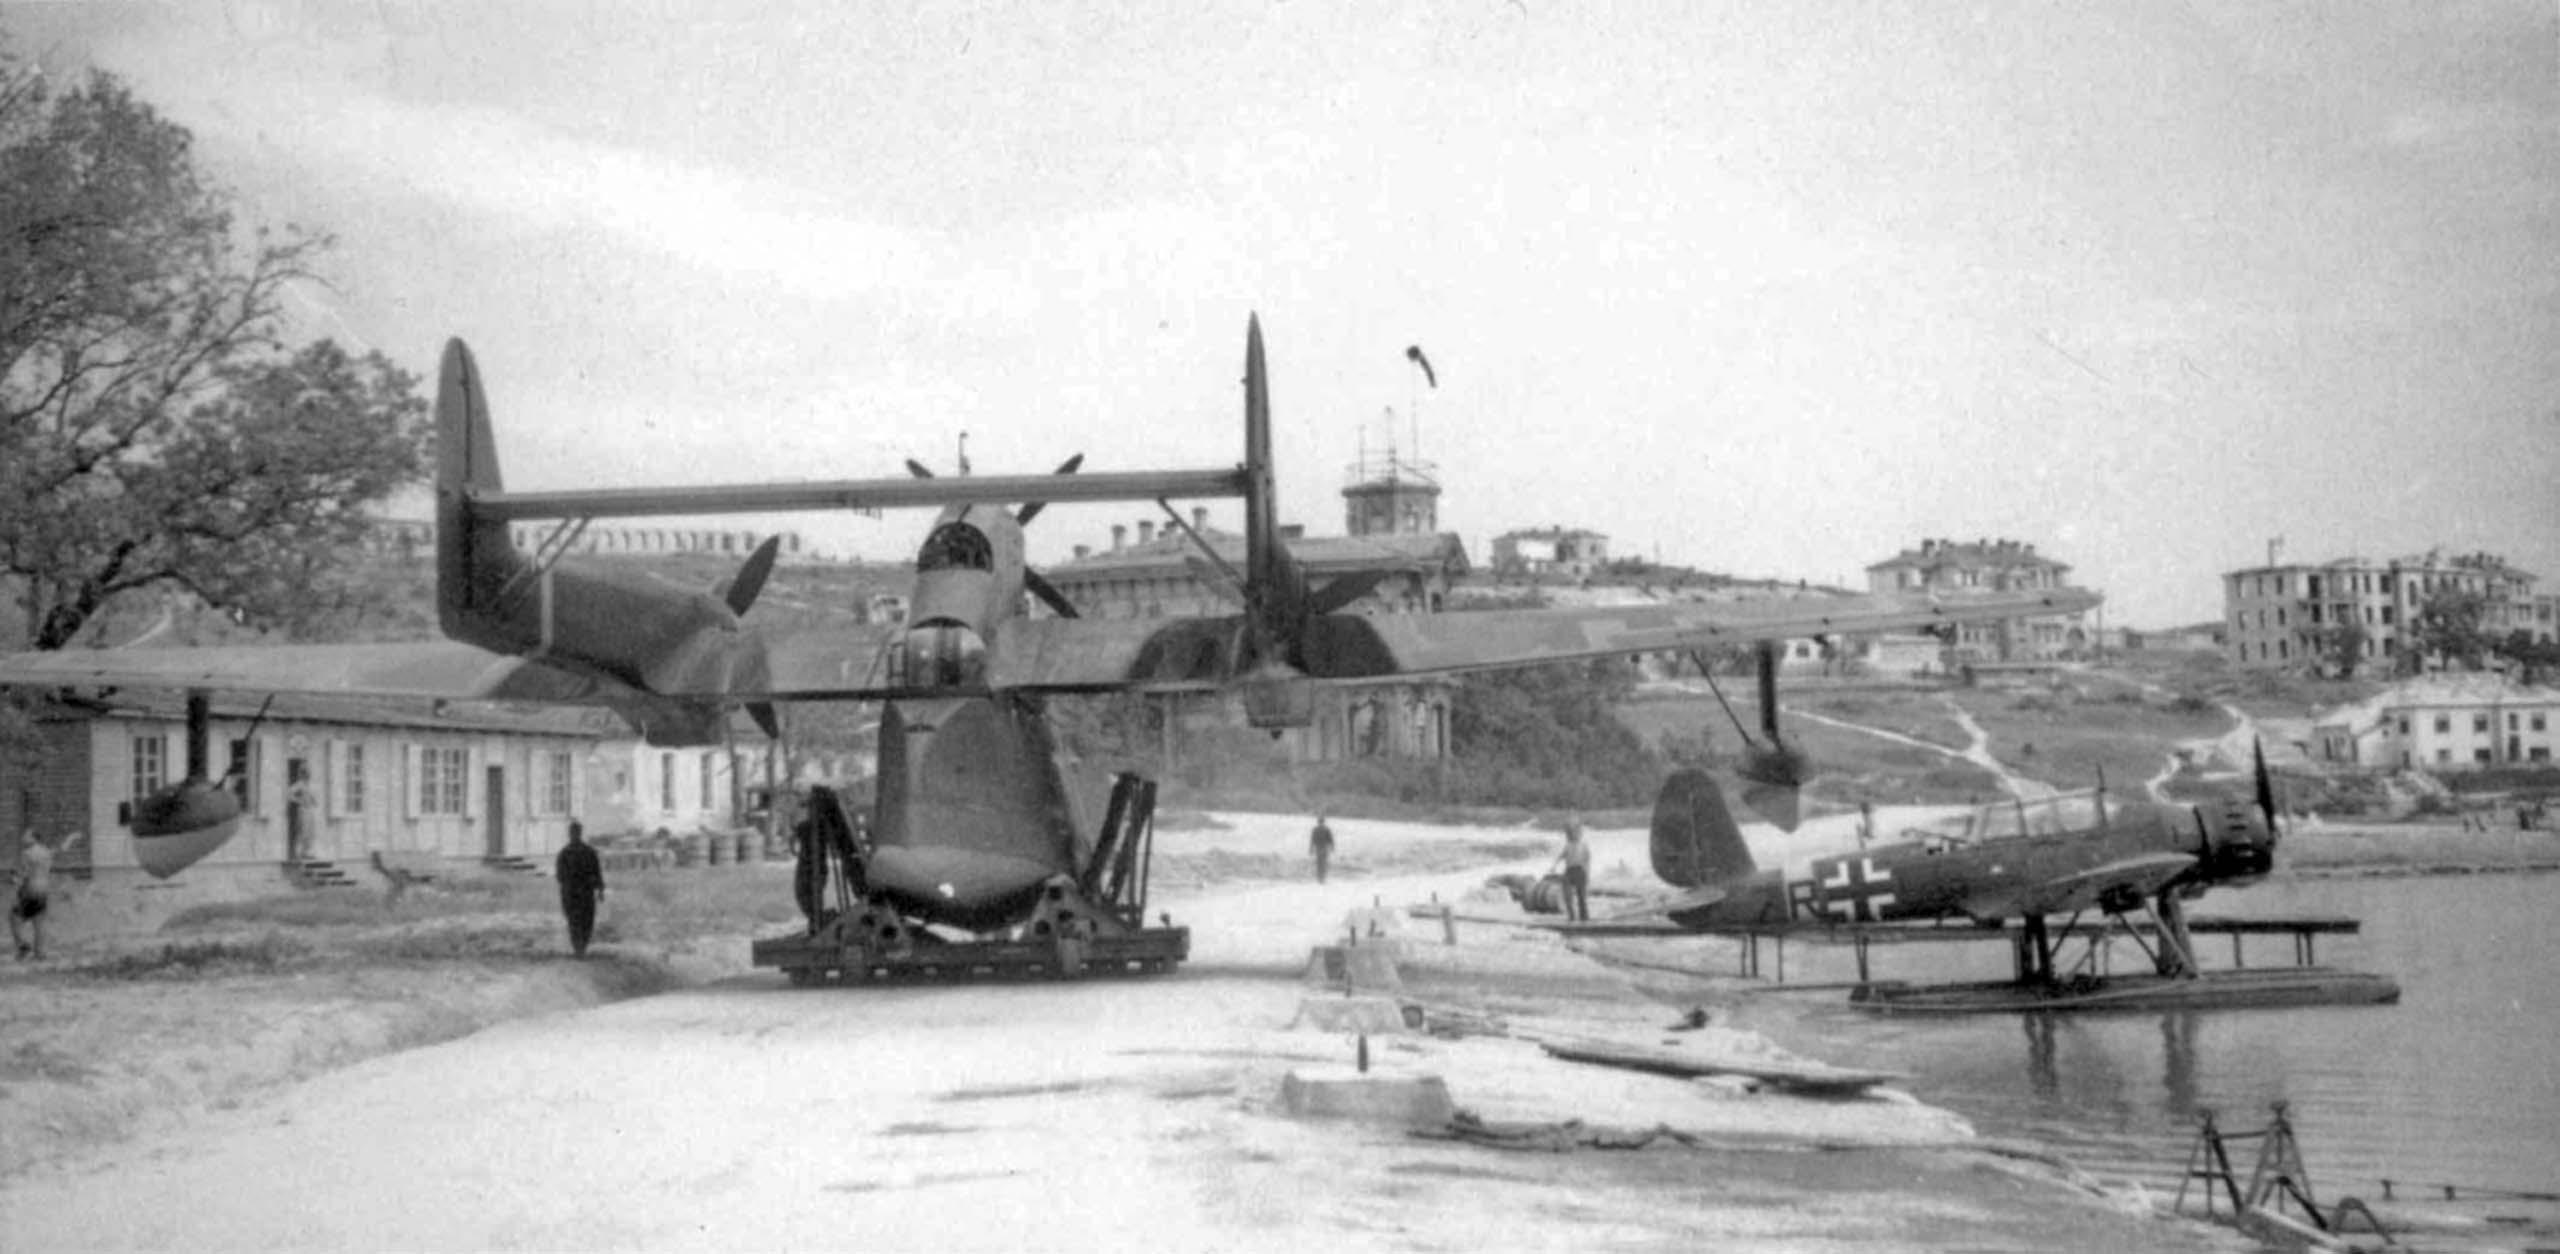 BV-138, Ar 196